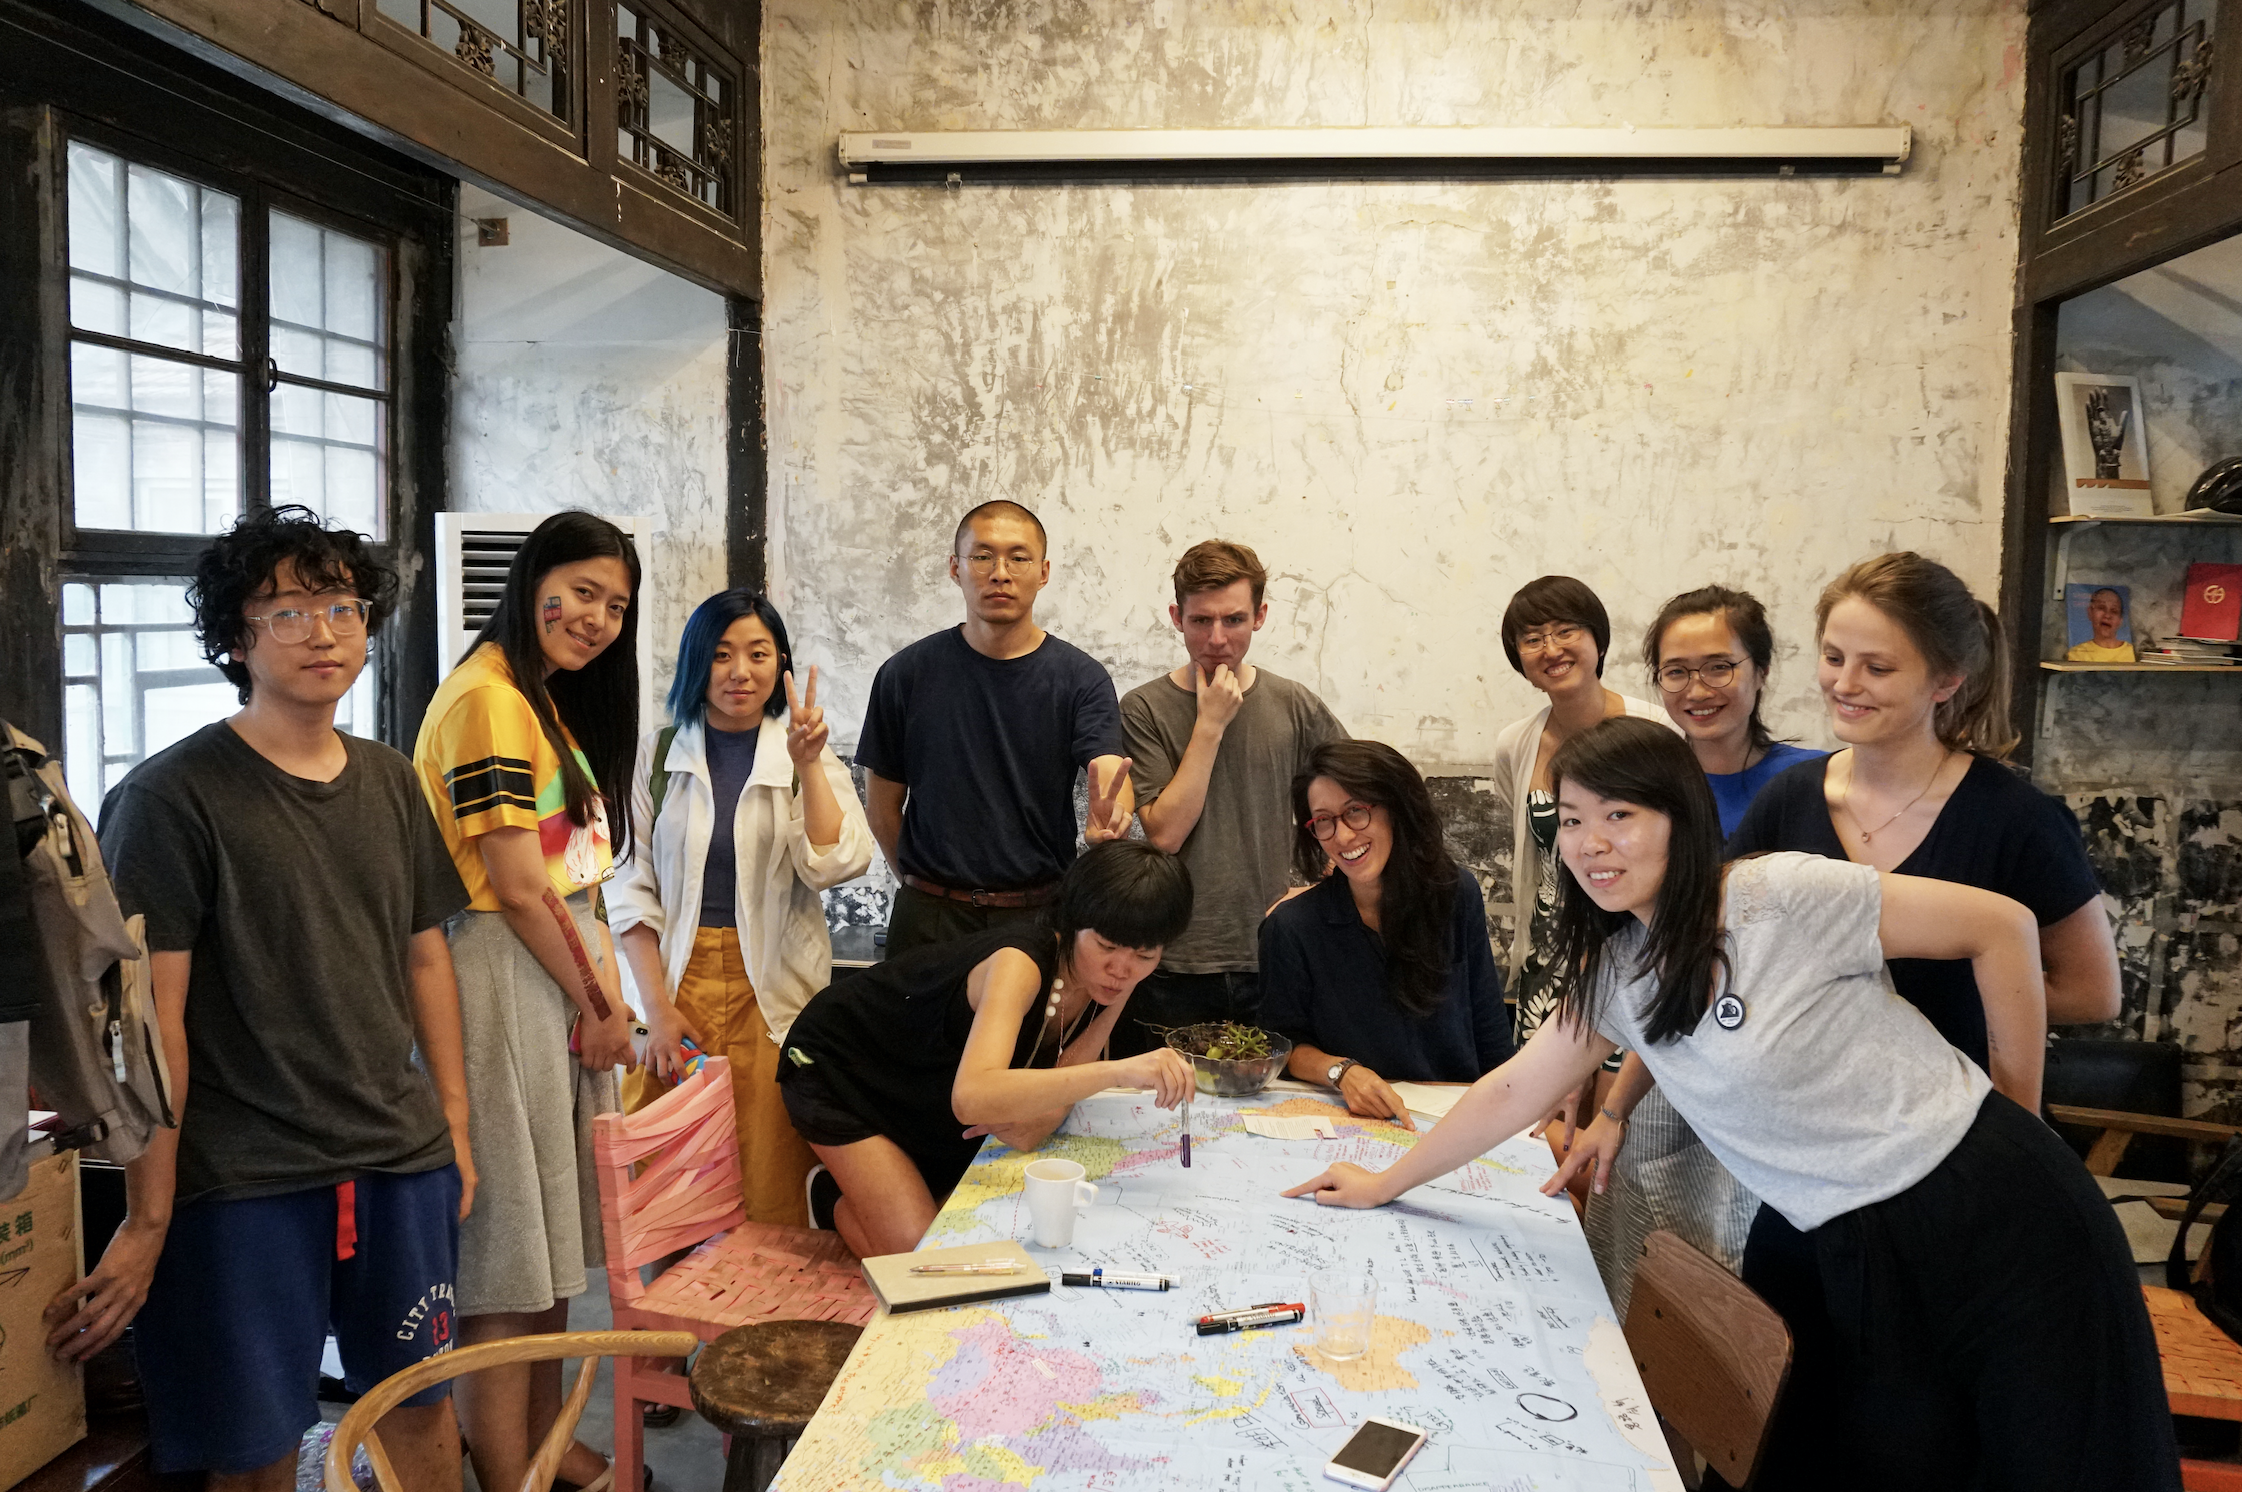 D.A.E. workshop participants